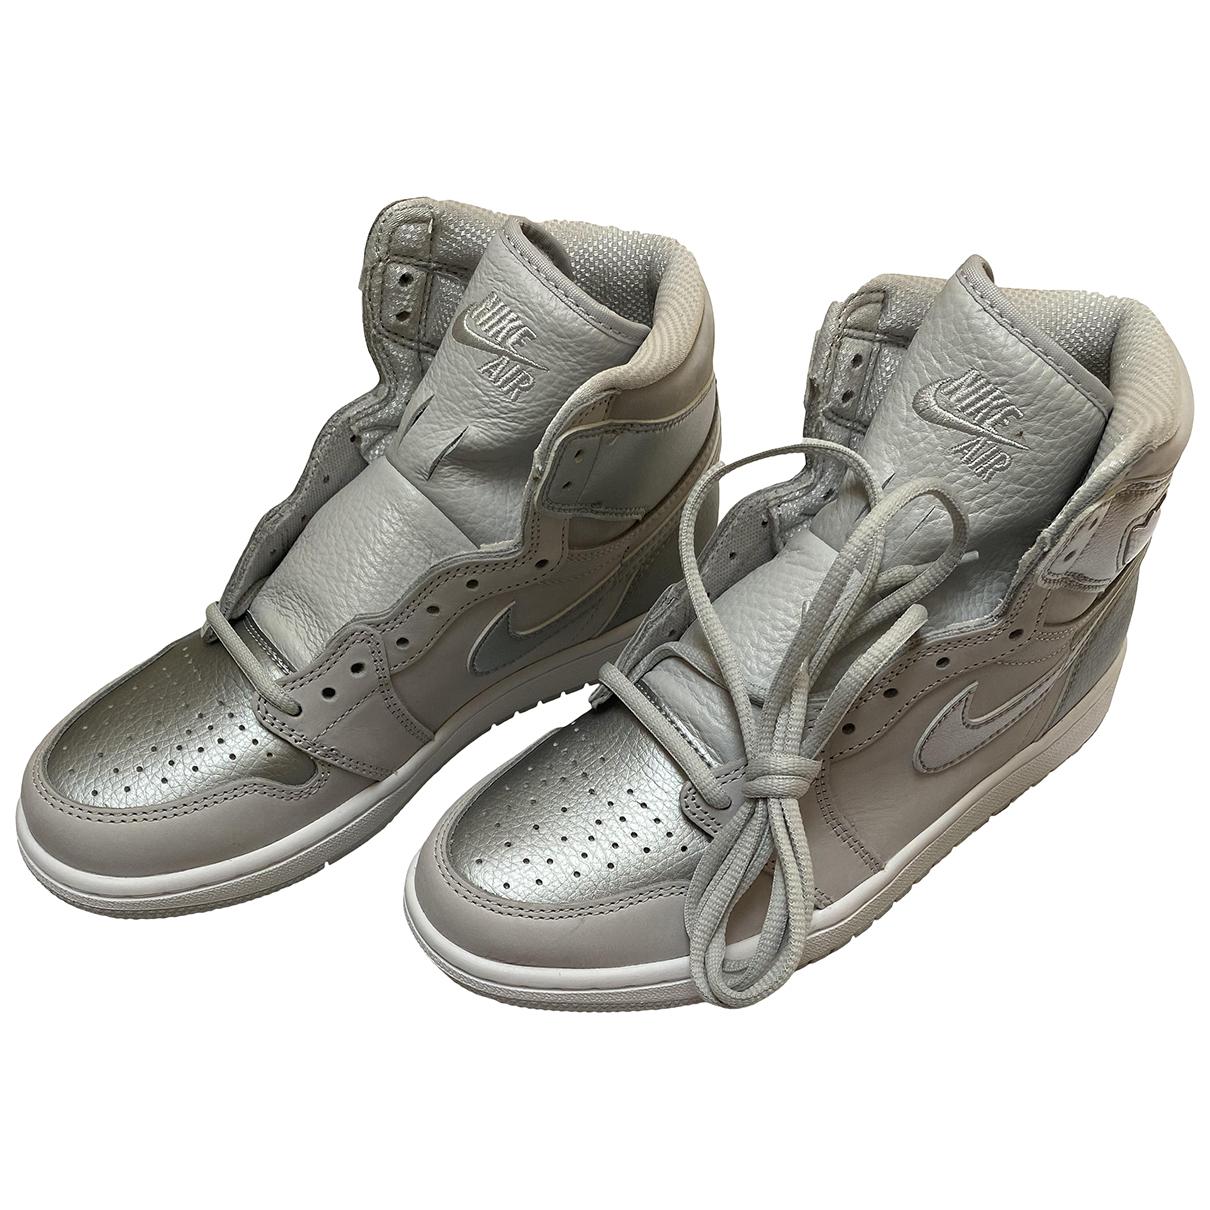 Jordan Air Jordan 1  Metallic Leather Trainers for Men 40 EU